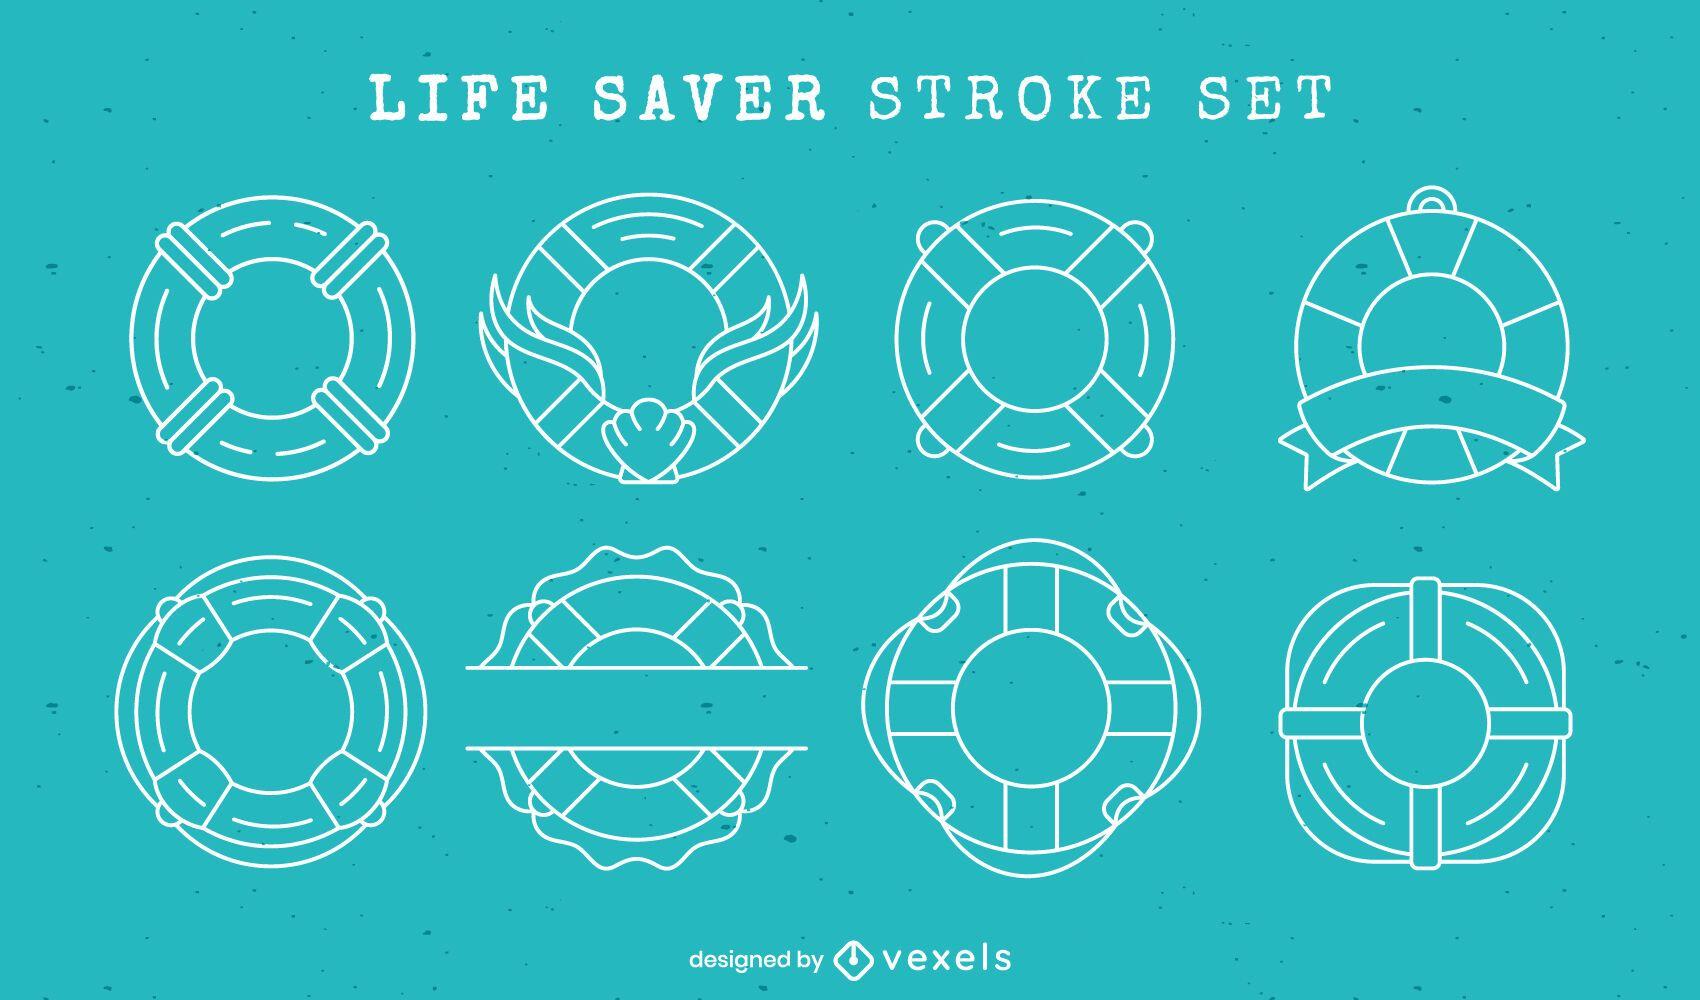 Conjunto de elementos de arte de línea de anillos de flotador salvavidas